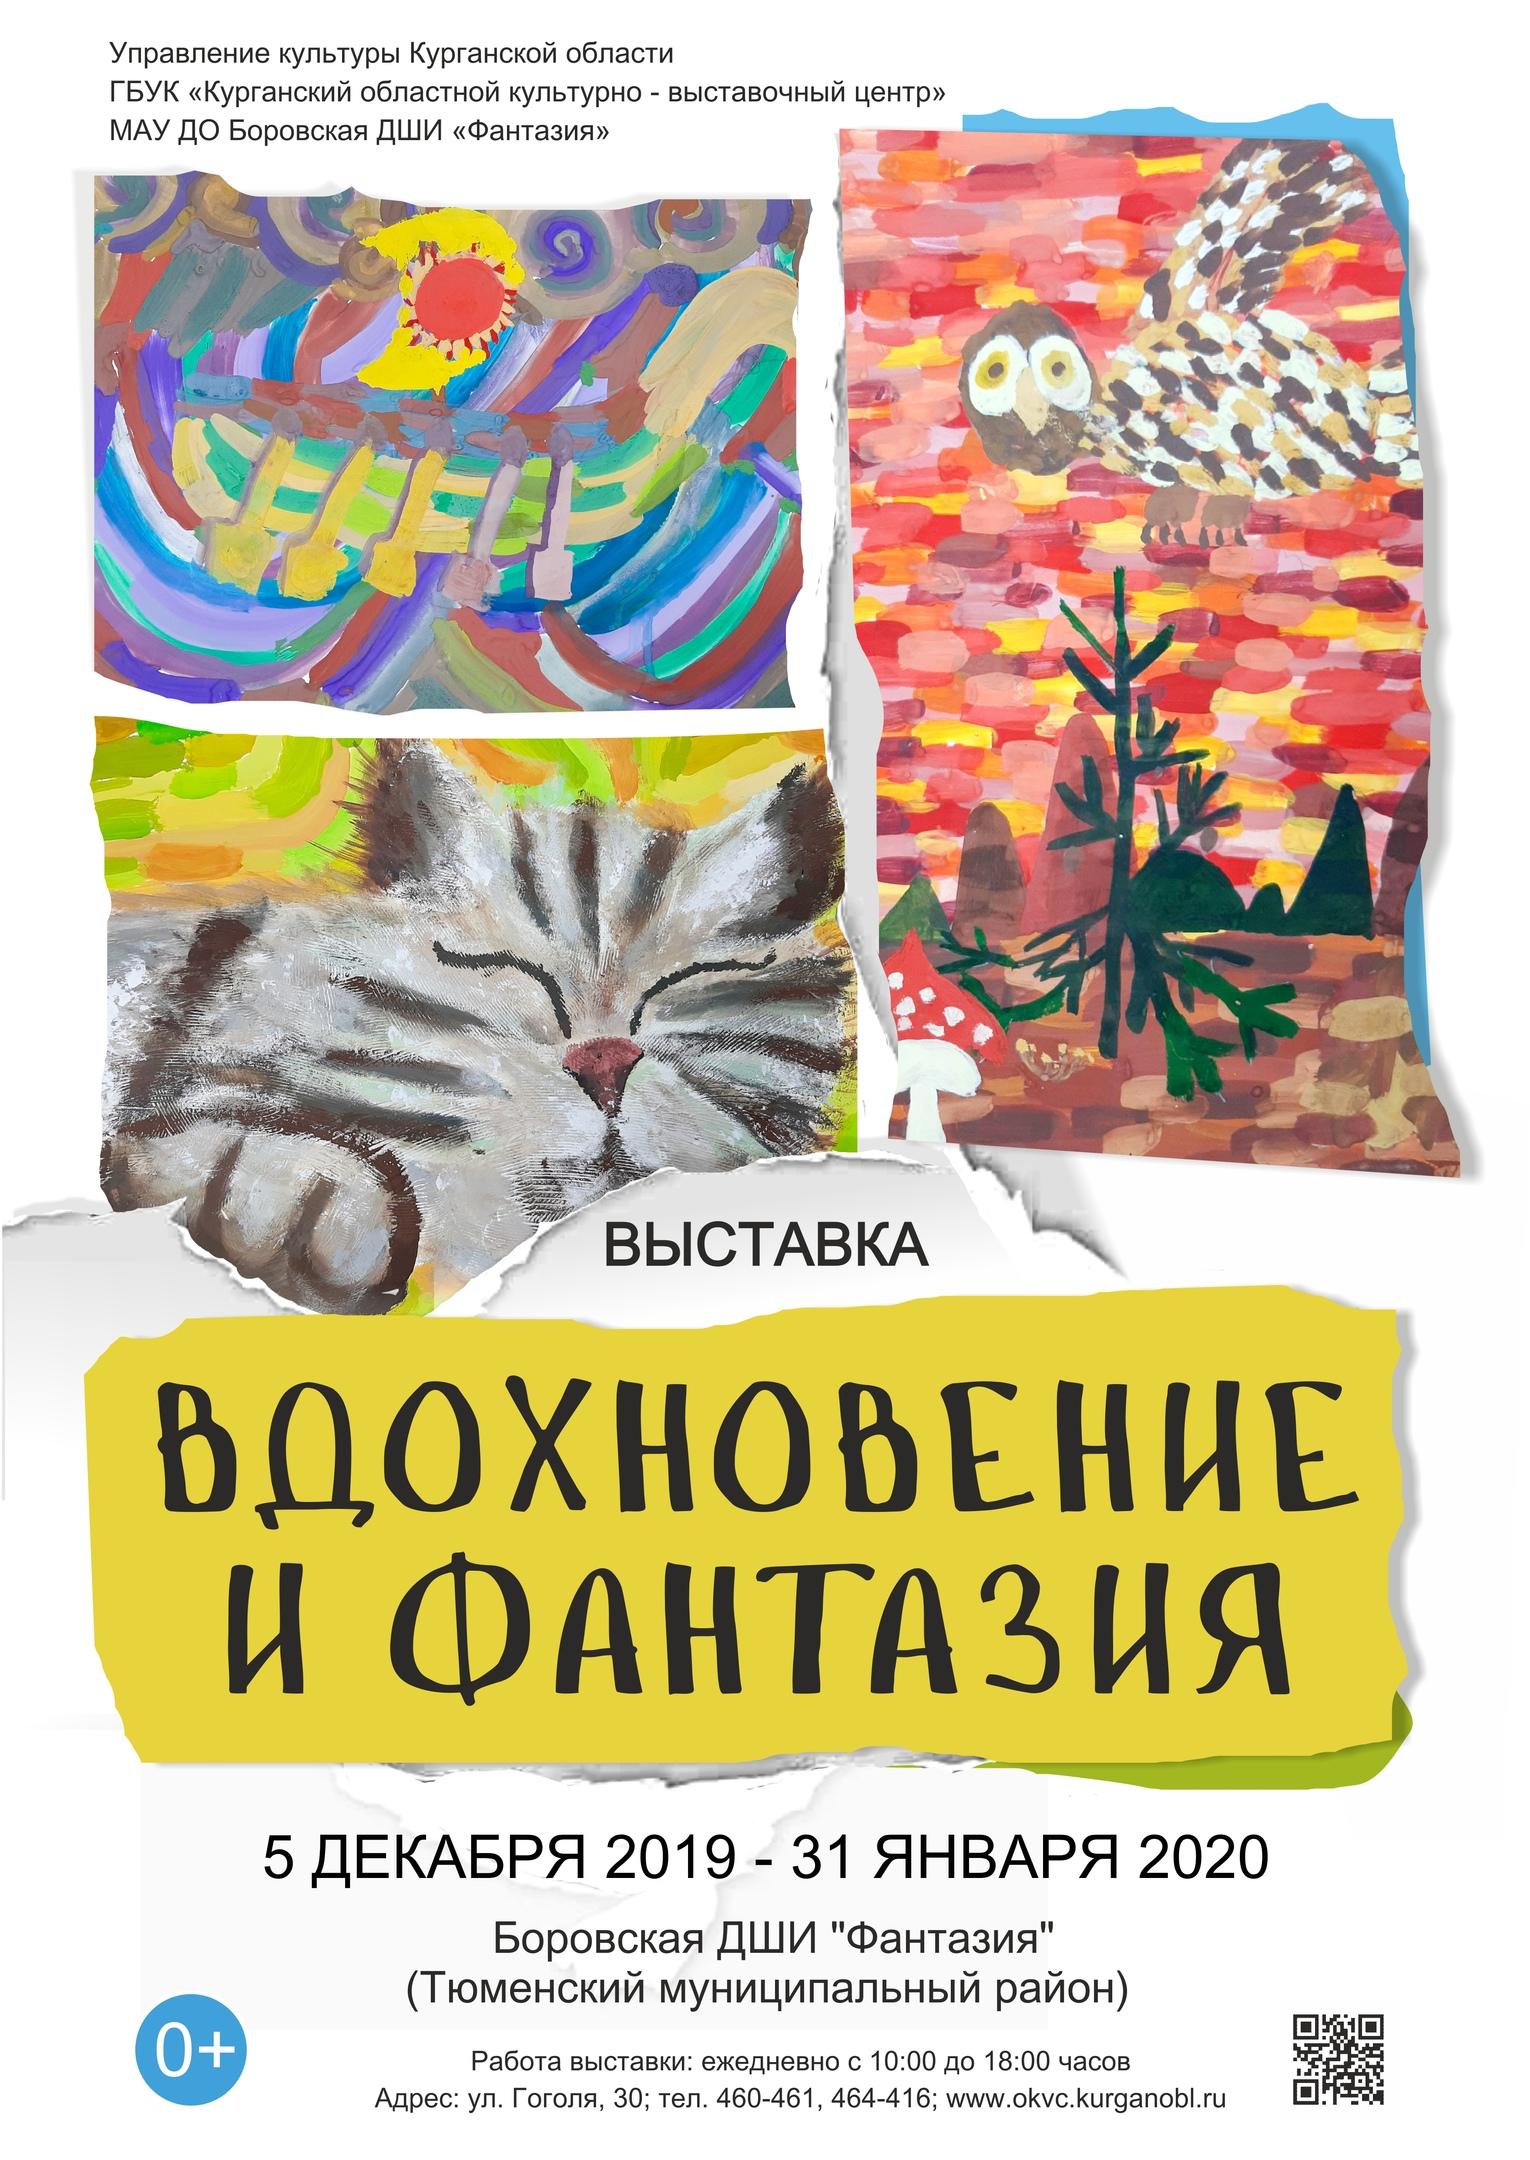 мероприятие Выставка Вдохновение и фантазия курган афиша расписание